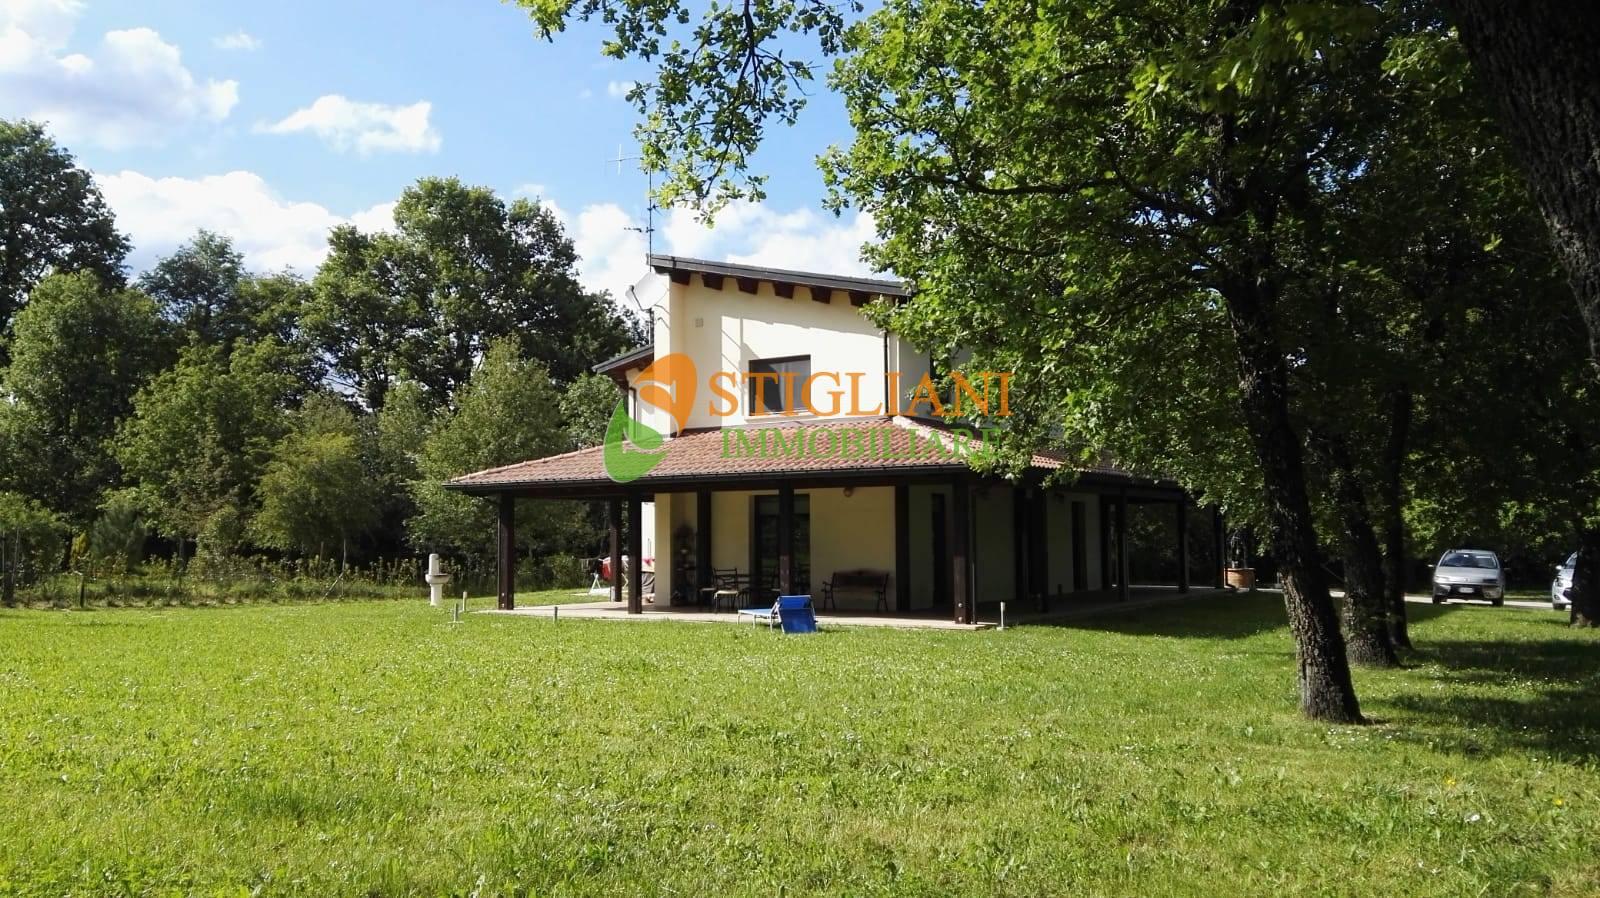 Villa in vendita a San Polo Matese, 6 locali, zona Località: ContradaPorcareccia, Trattative riservate | CambioCasa.it